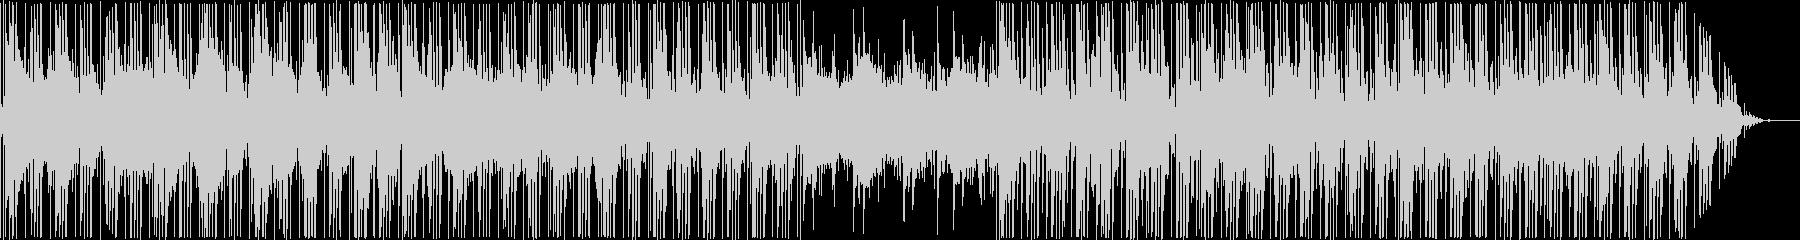 生演奏のスタイリッシュなヒップホップの未再生の波形